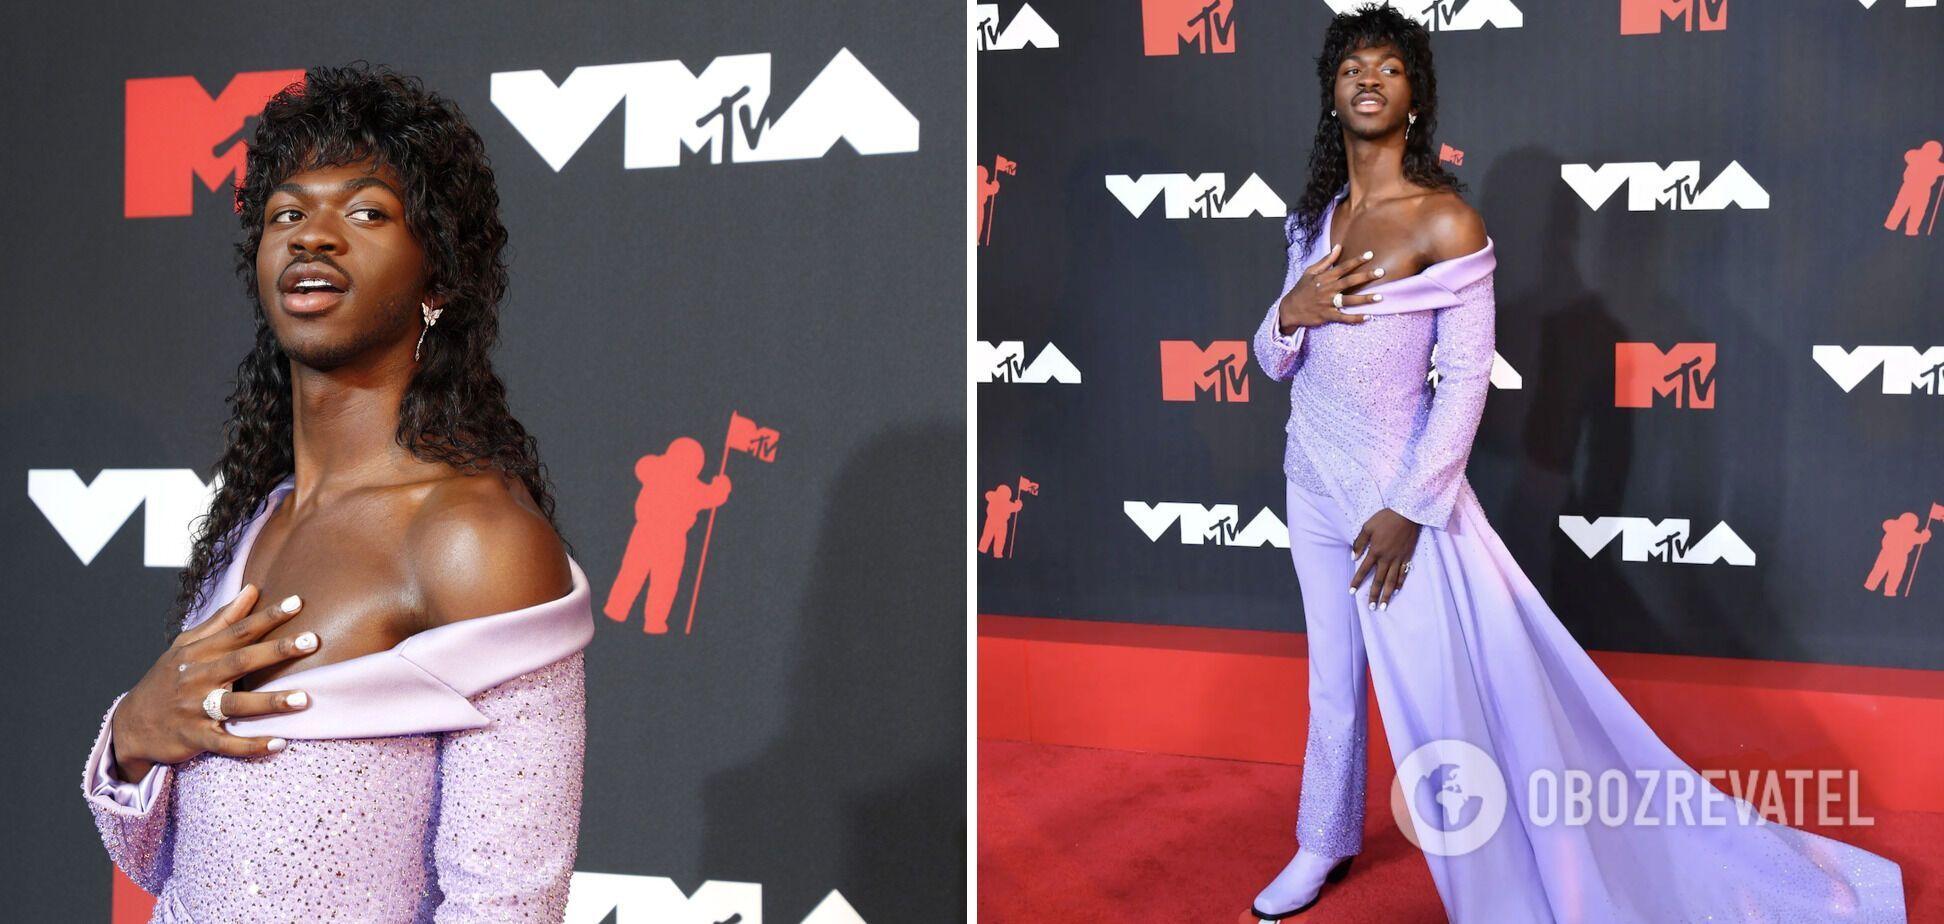 Американский рэпер Lil Nas X в наряде от бренда Versace.